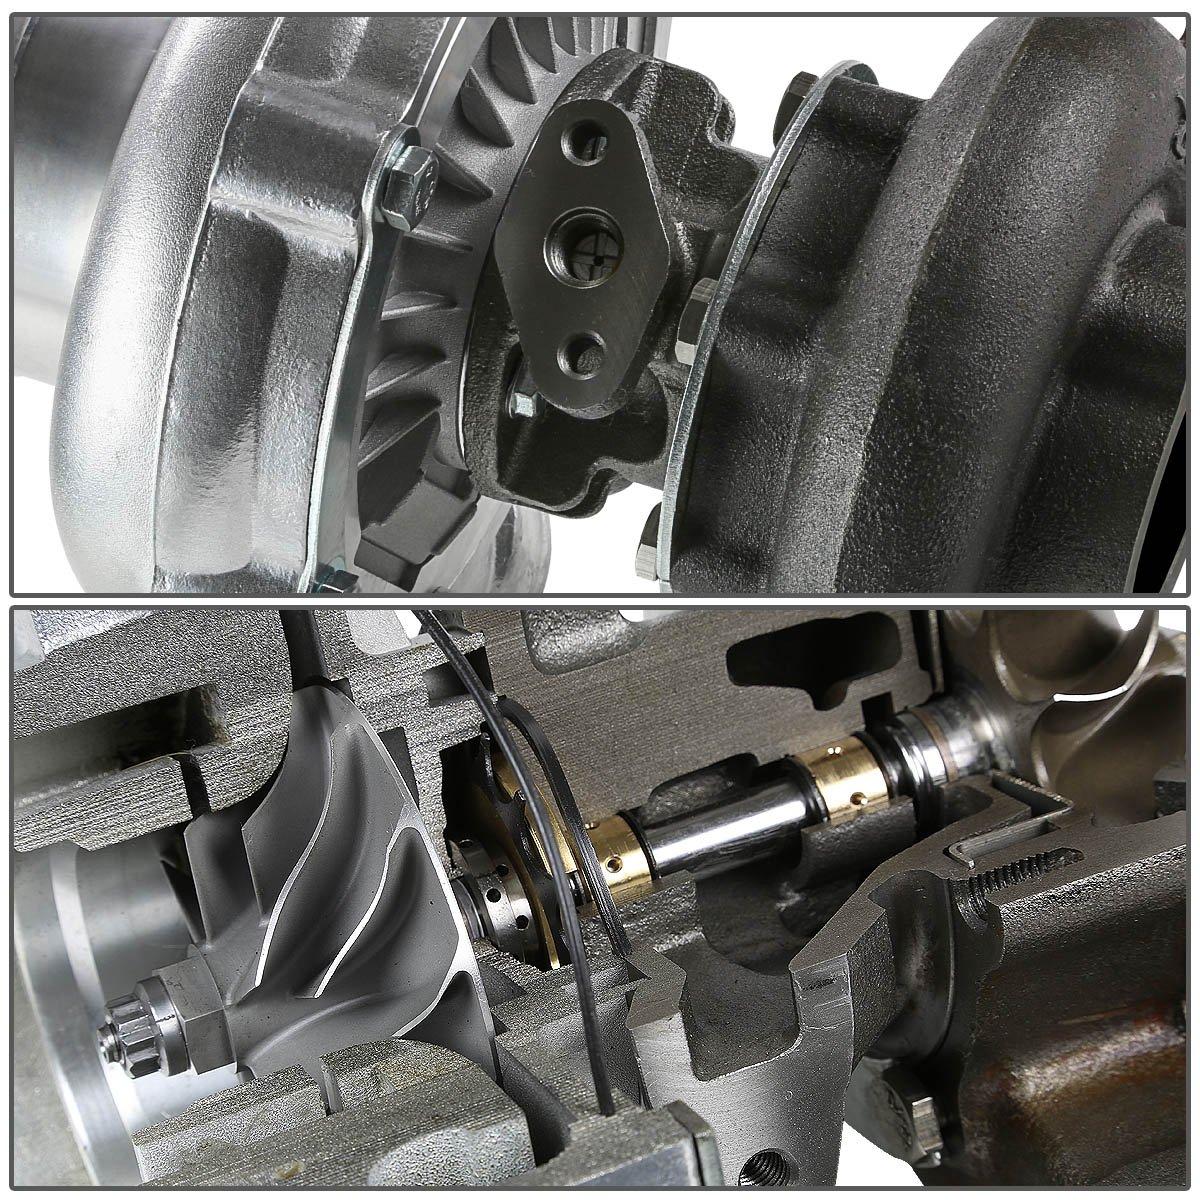 Para Nissan Skyline R33 GTR/R34 - RB20/RB25 det TD06 25 G Turbocompresor turbina a/R .50: Amazon.es: Coche y moto